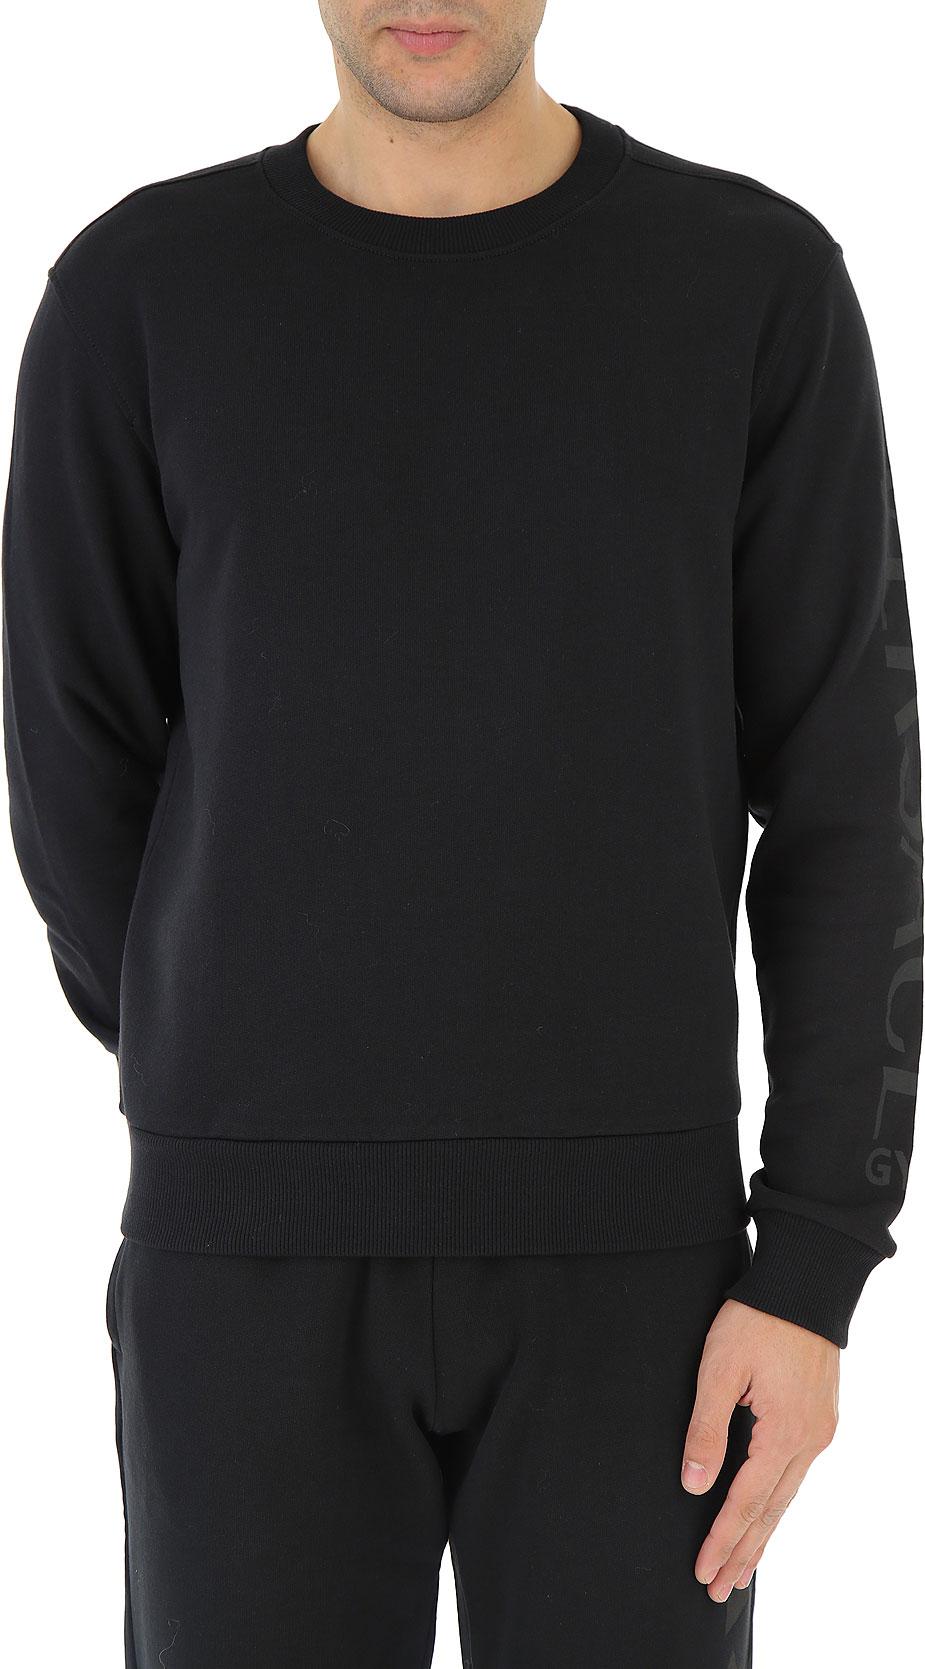 Abbigliamento Uomo Versace, Codice Articolo: auu13009-ac00231-a008